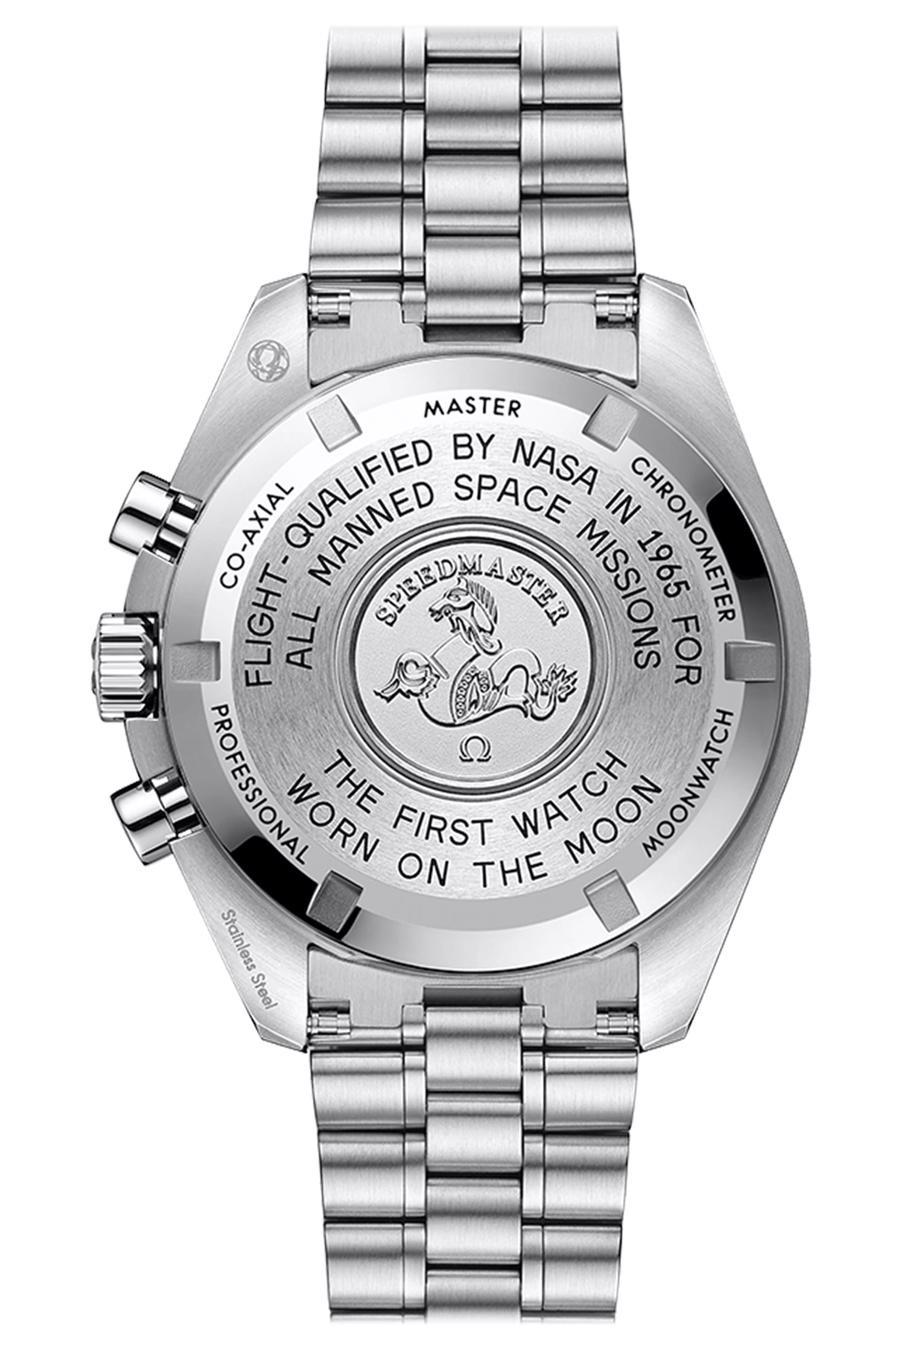 Cận cảnh chiếc đồng hồ theo tỷ phú Jeff Bezos bay lên rìa vũ trụ - Ảnh 10